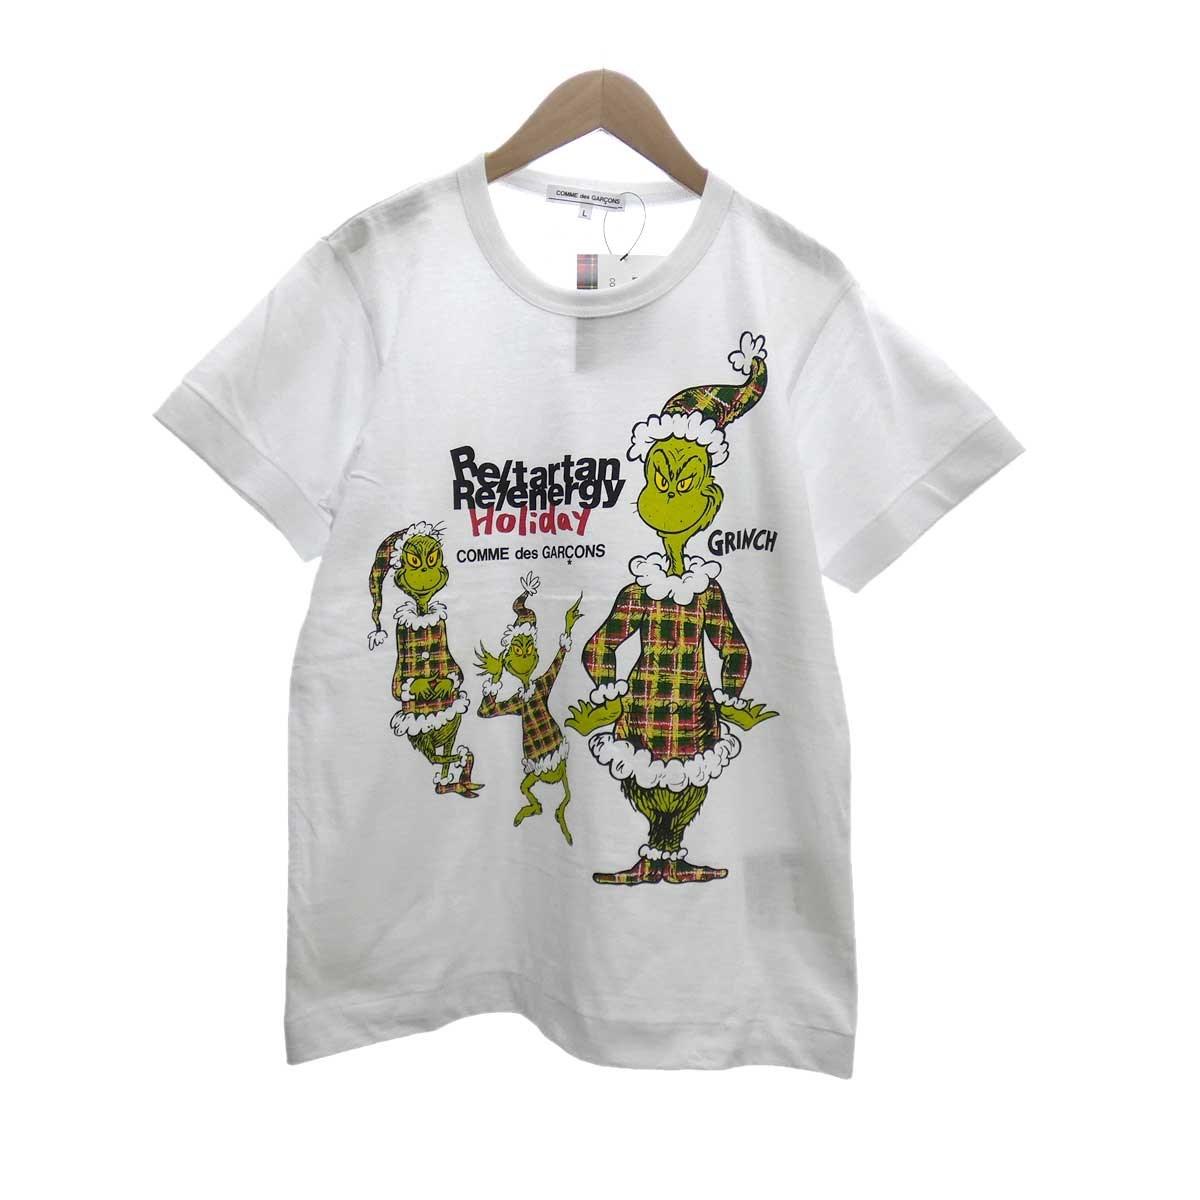 【中古】COMME des GARCONS GRINCH プリントTシャツ ホワイト サイズ:L 【130420】(コムデギャルソン)